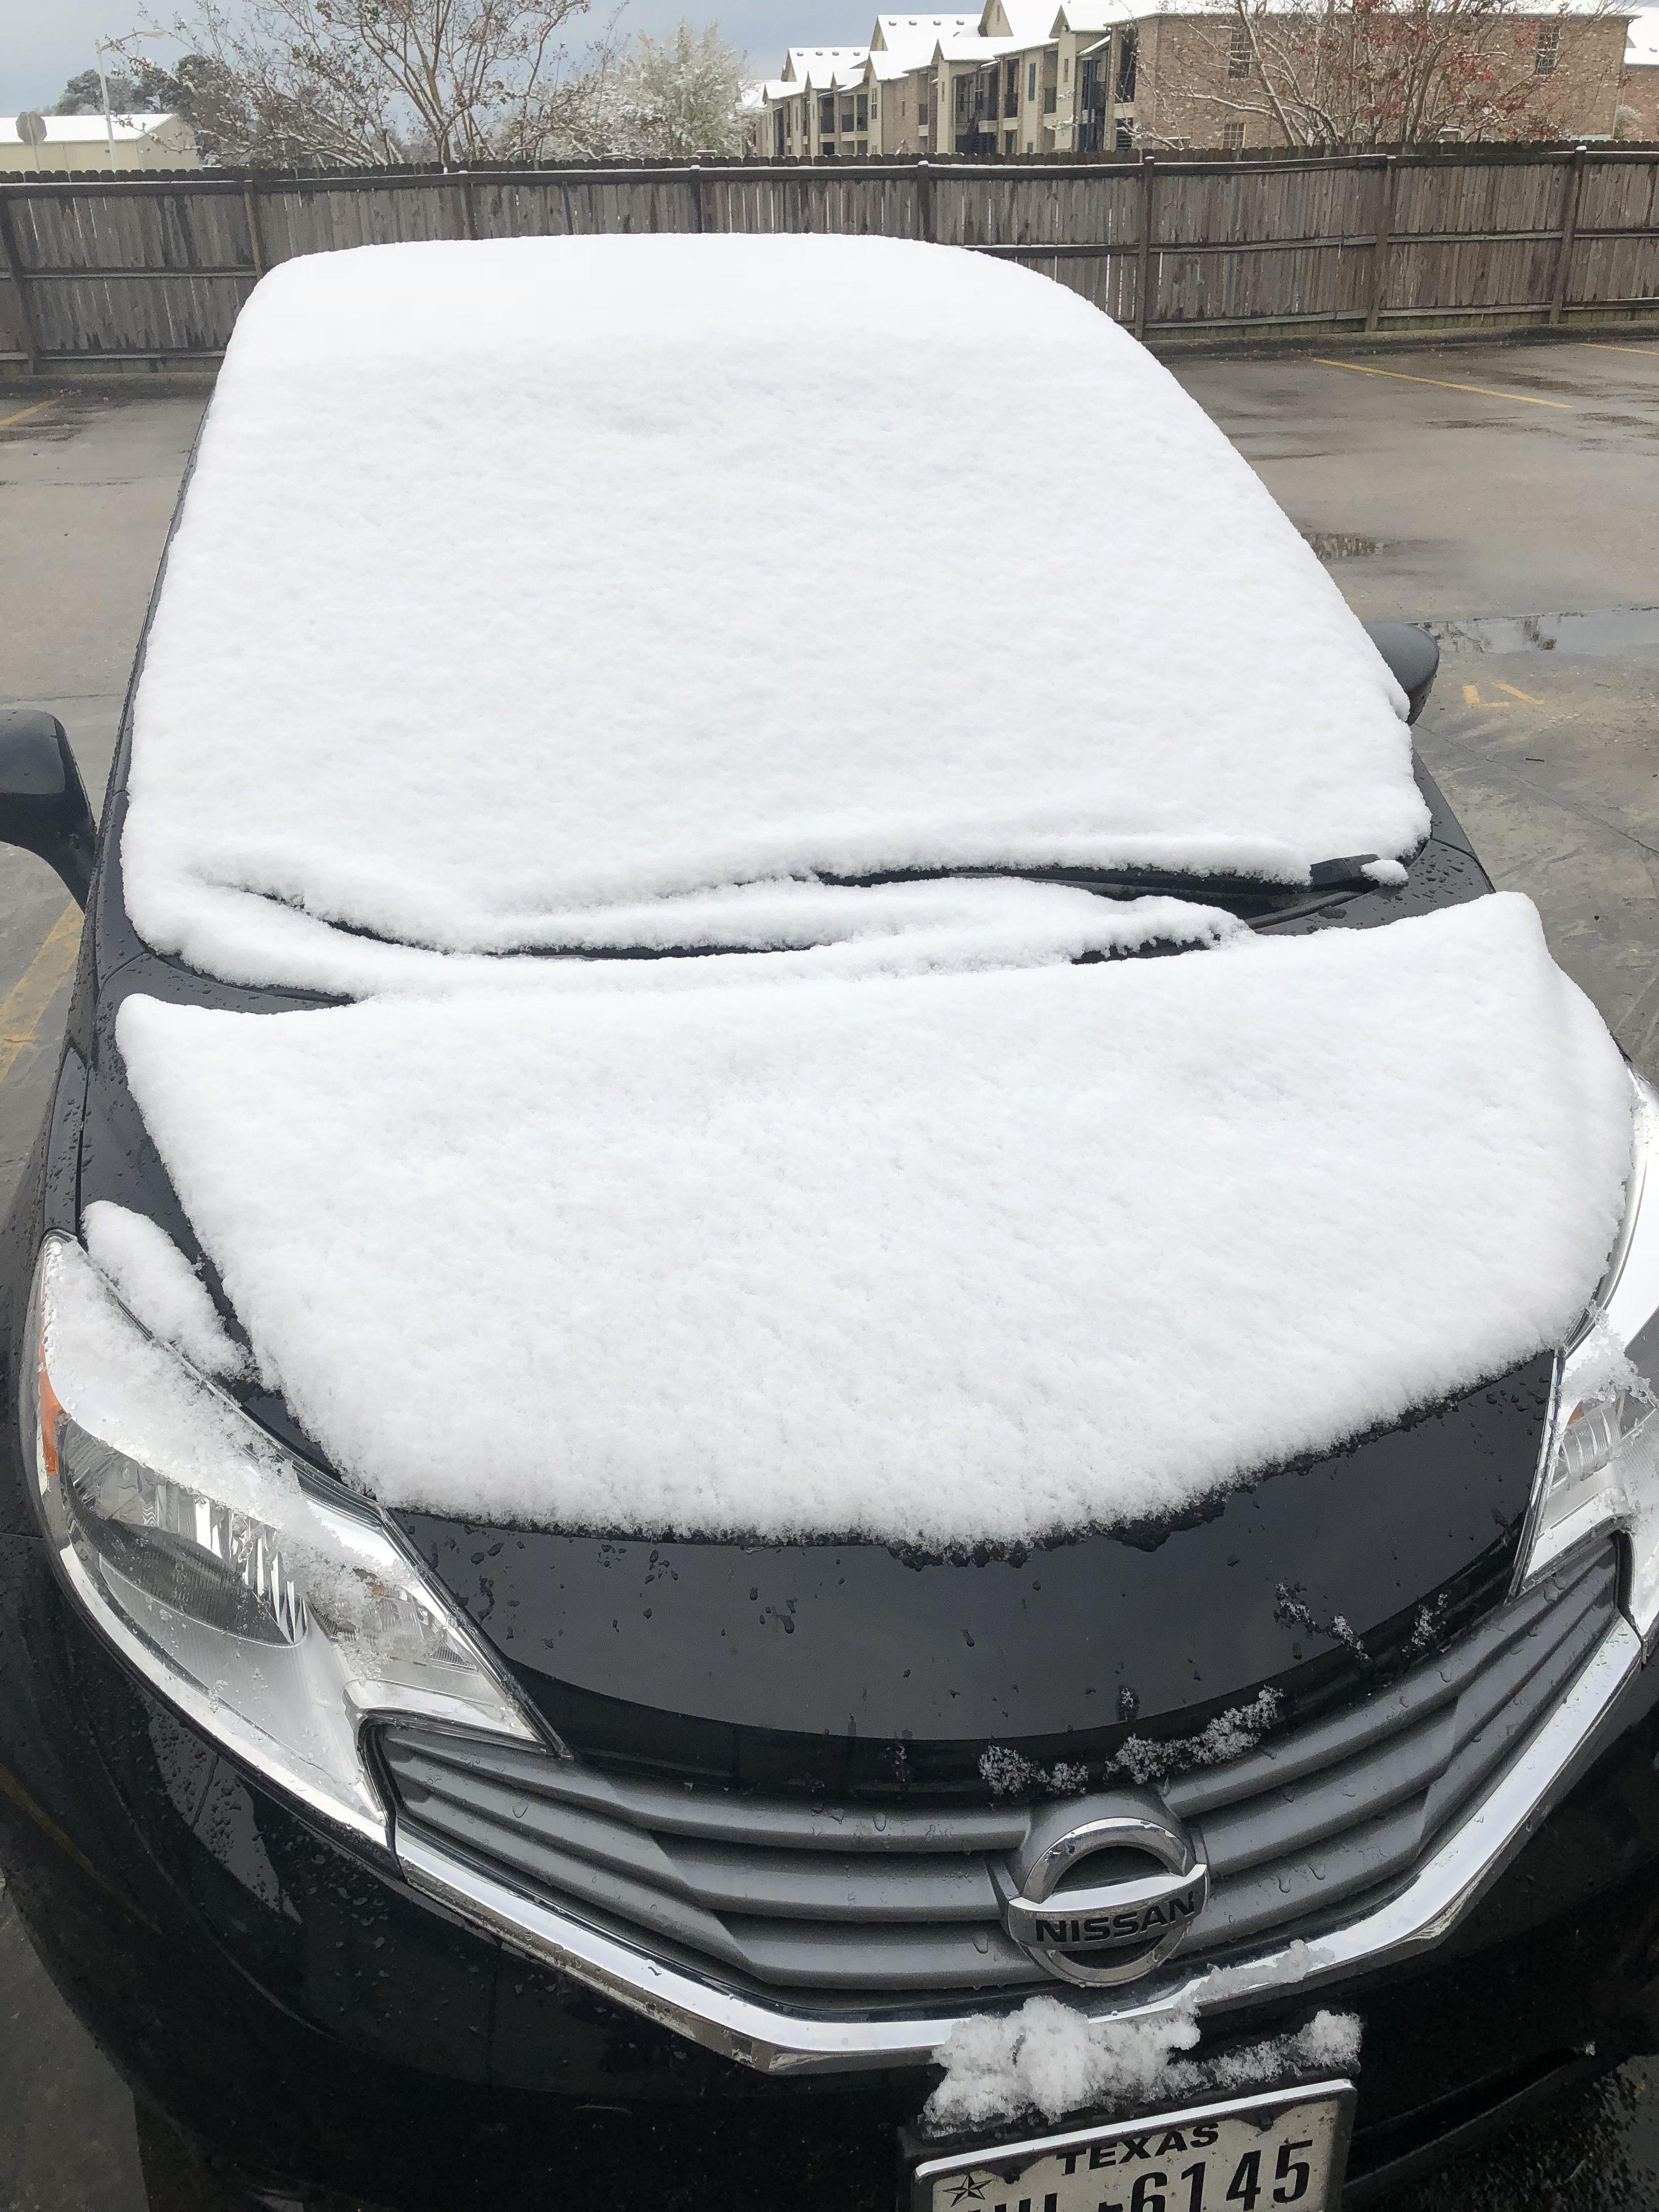 今年深冬,連處於美國西南墨西歌灣岸邊,常年難見雪蹤的德州博蒙特鎮都普降瑞雪。拉瑪爾大學的學生們立即堆起了一個雪人--這門手藝竟然還在!(網友姚清江 2017/12/8@美國德州博蒙特鎮)